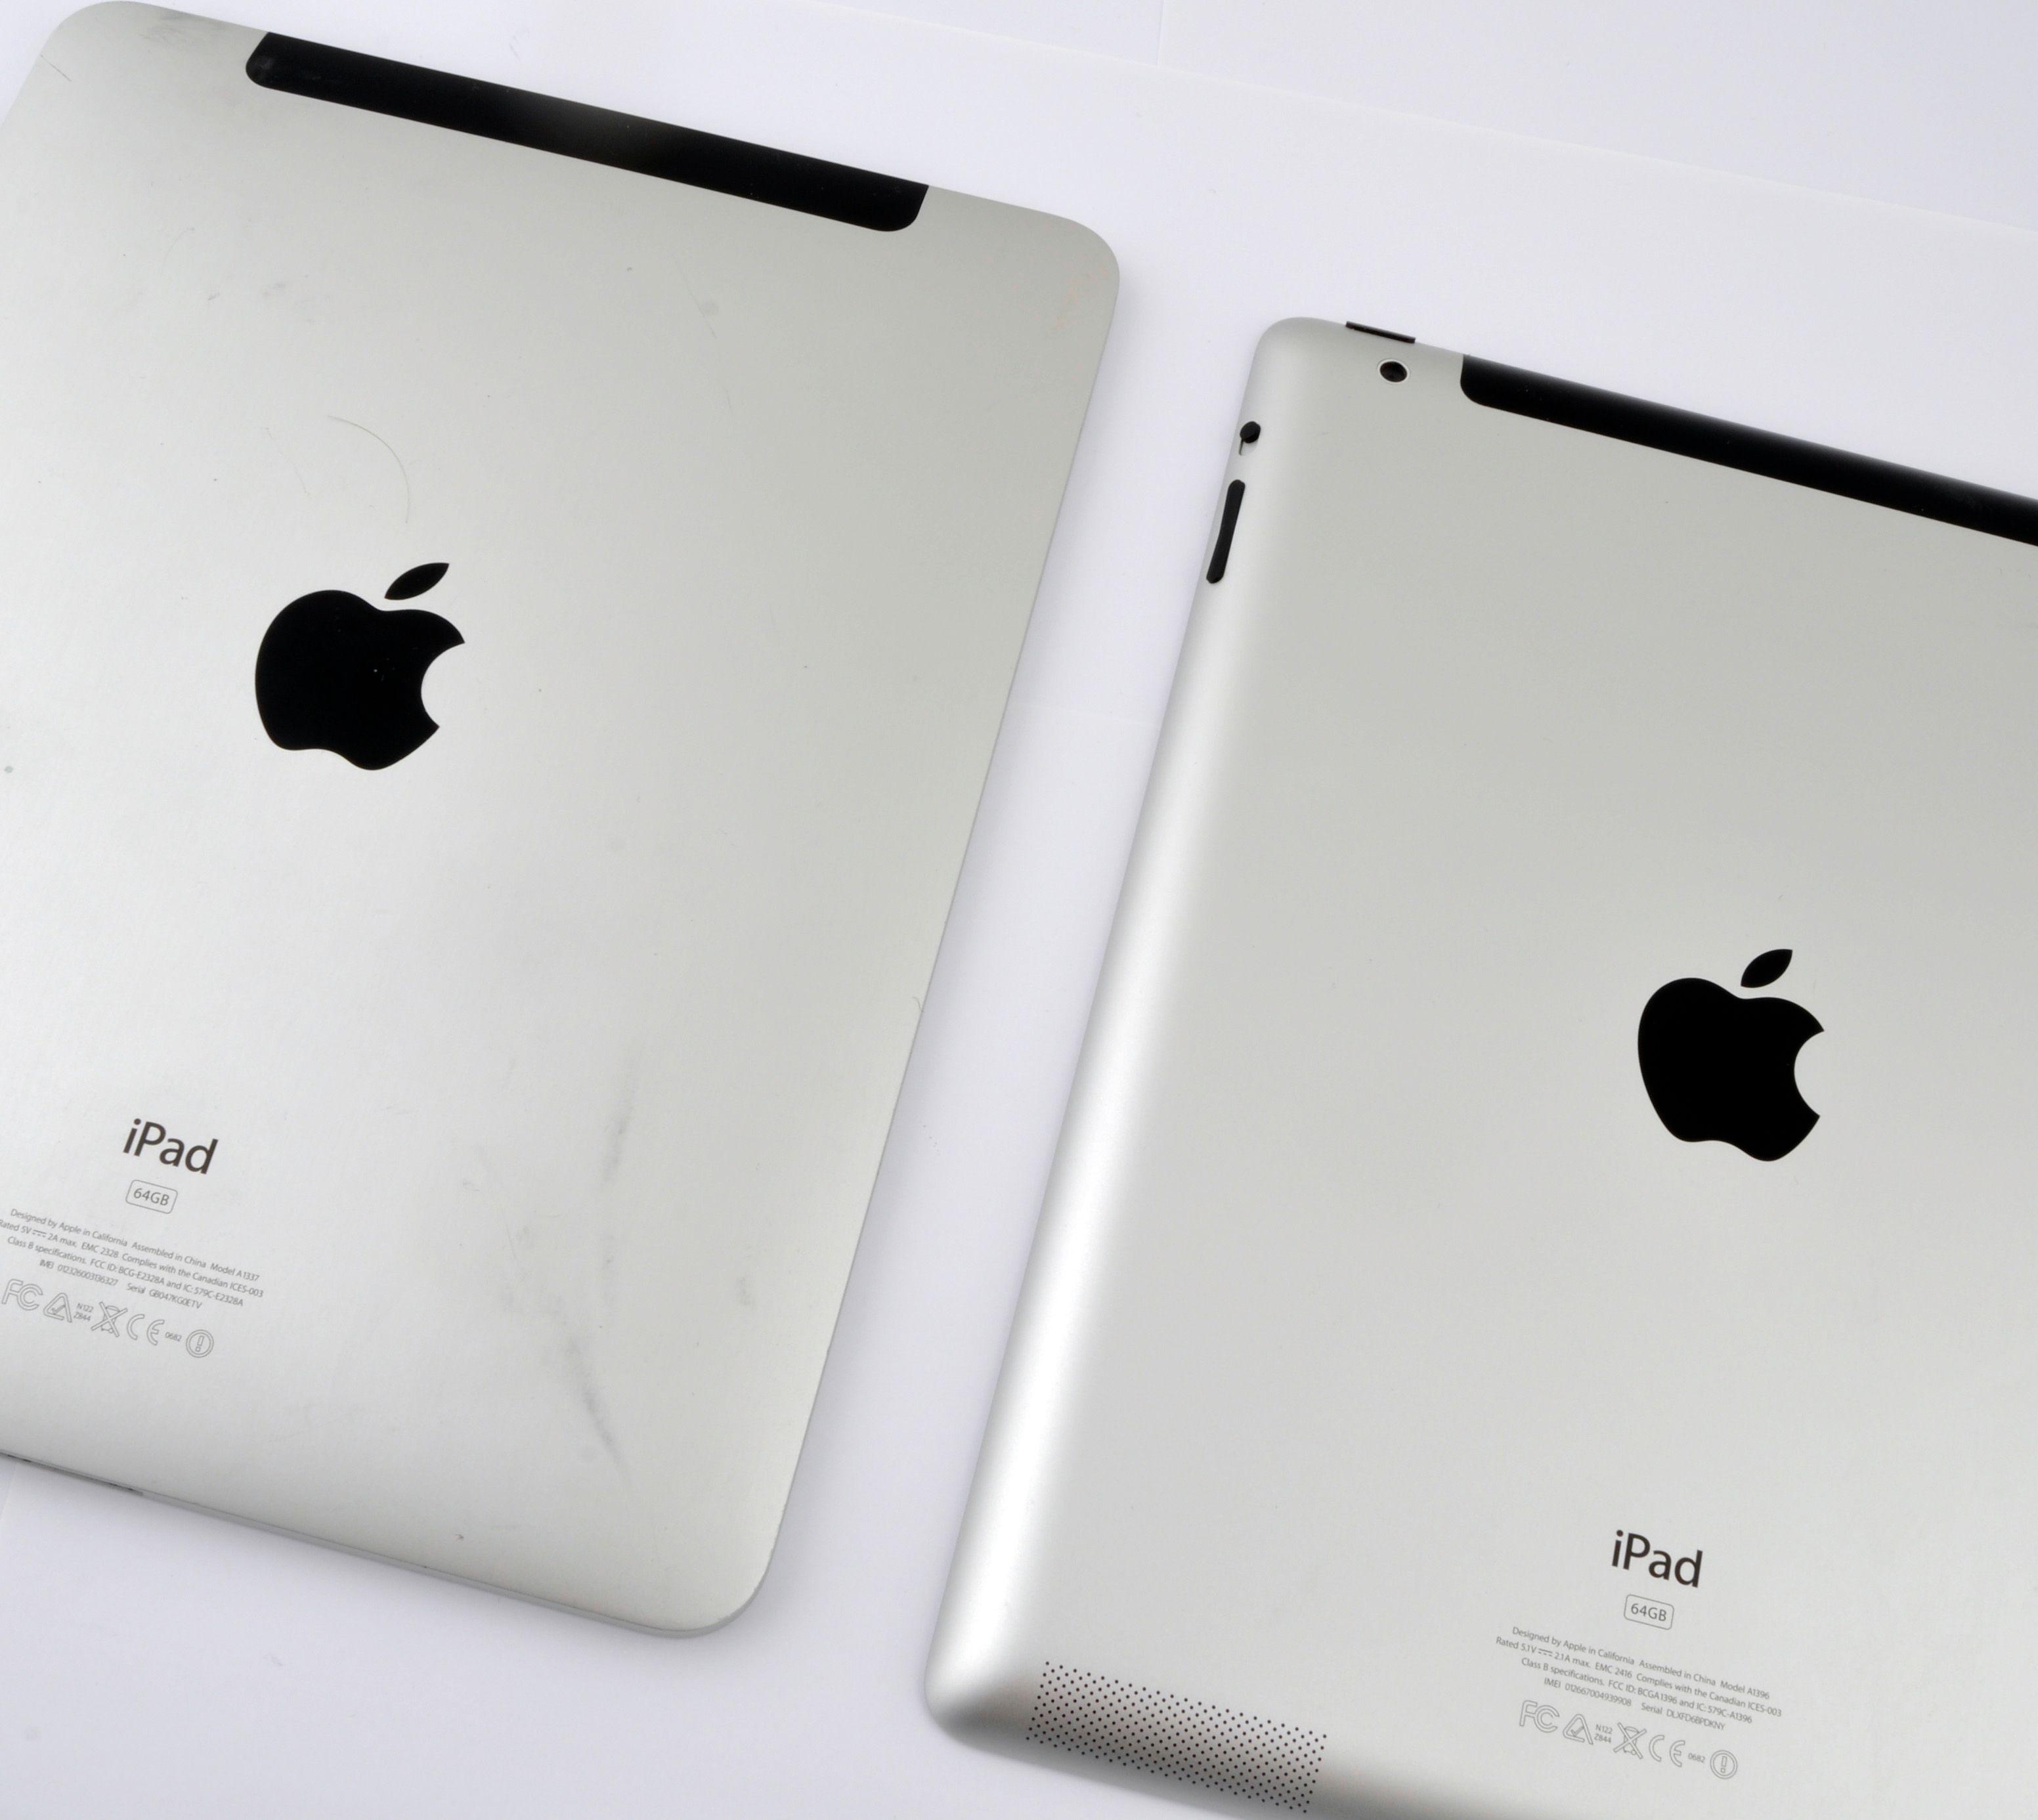 iPad 2 til høyre i bildet.